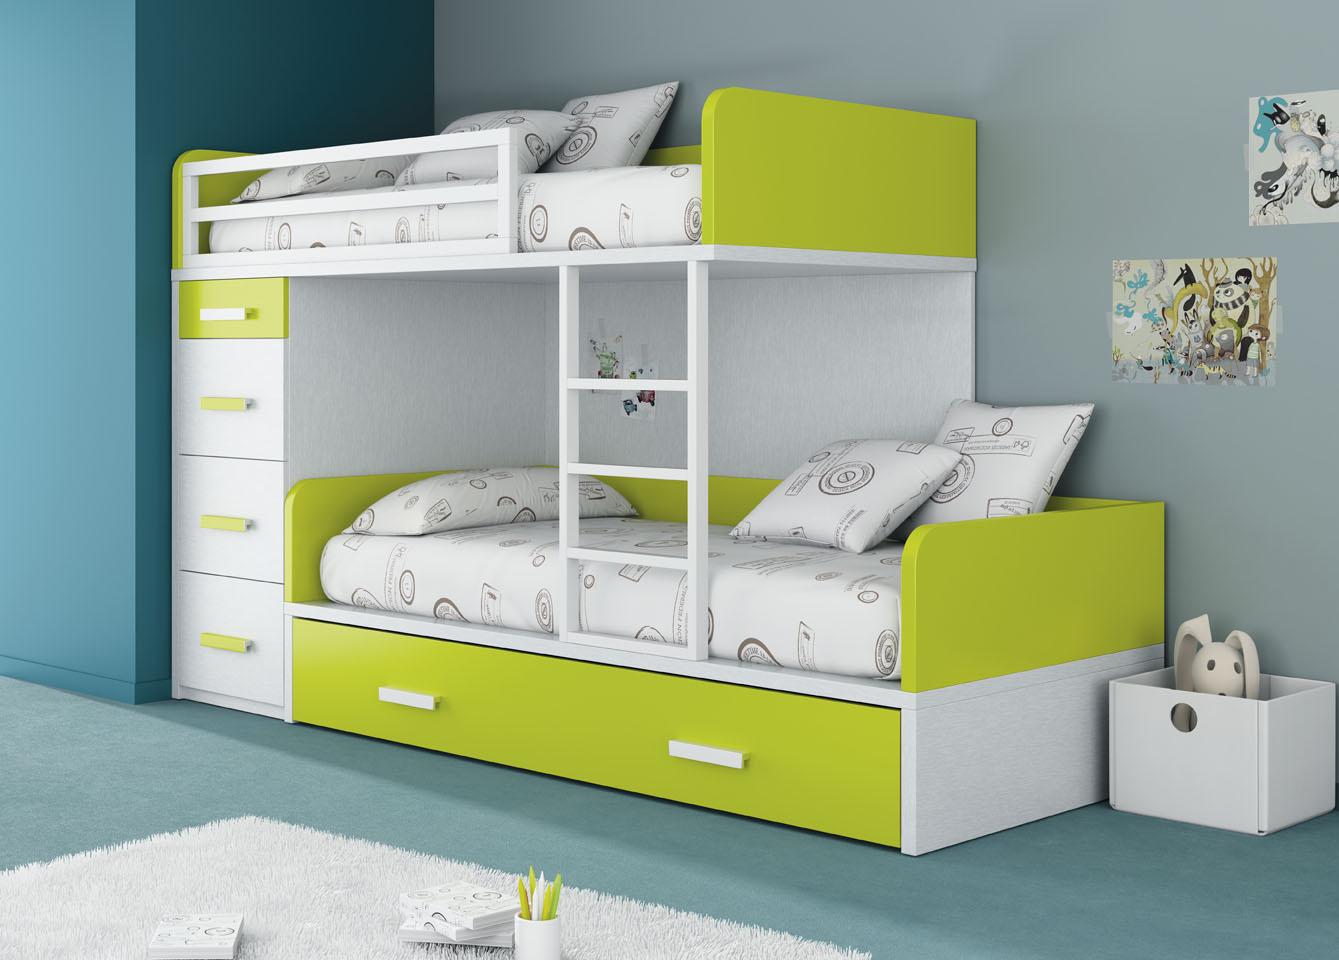 Camerette per bambini inseparabili mobili ros letti a castello letti a scomparsa letti - Cameretta letto a castello ...